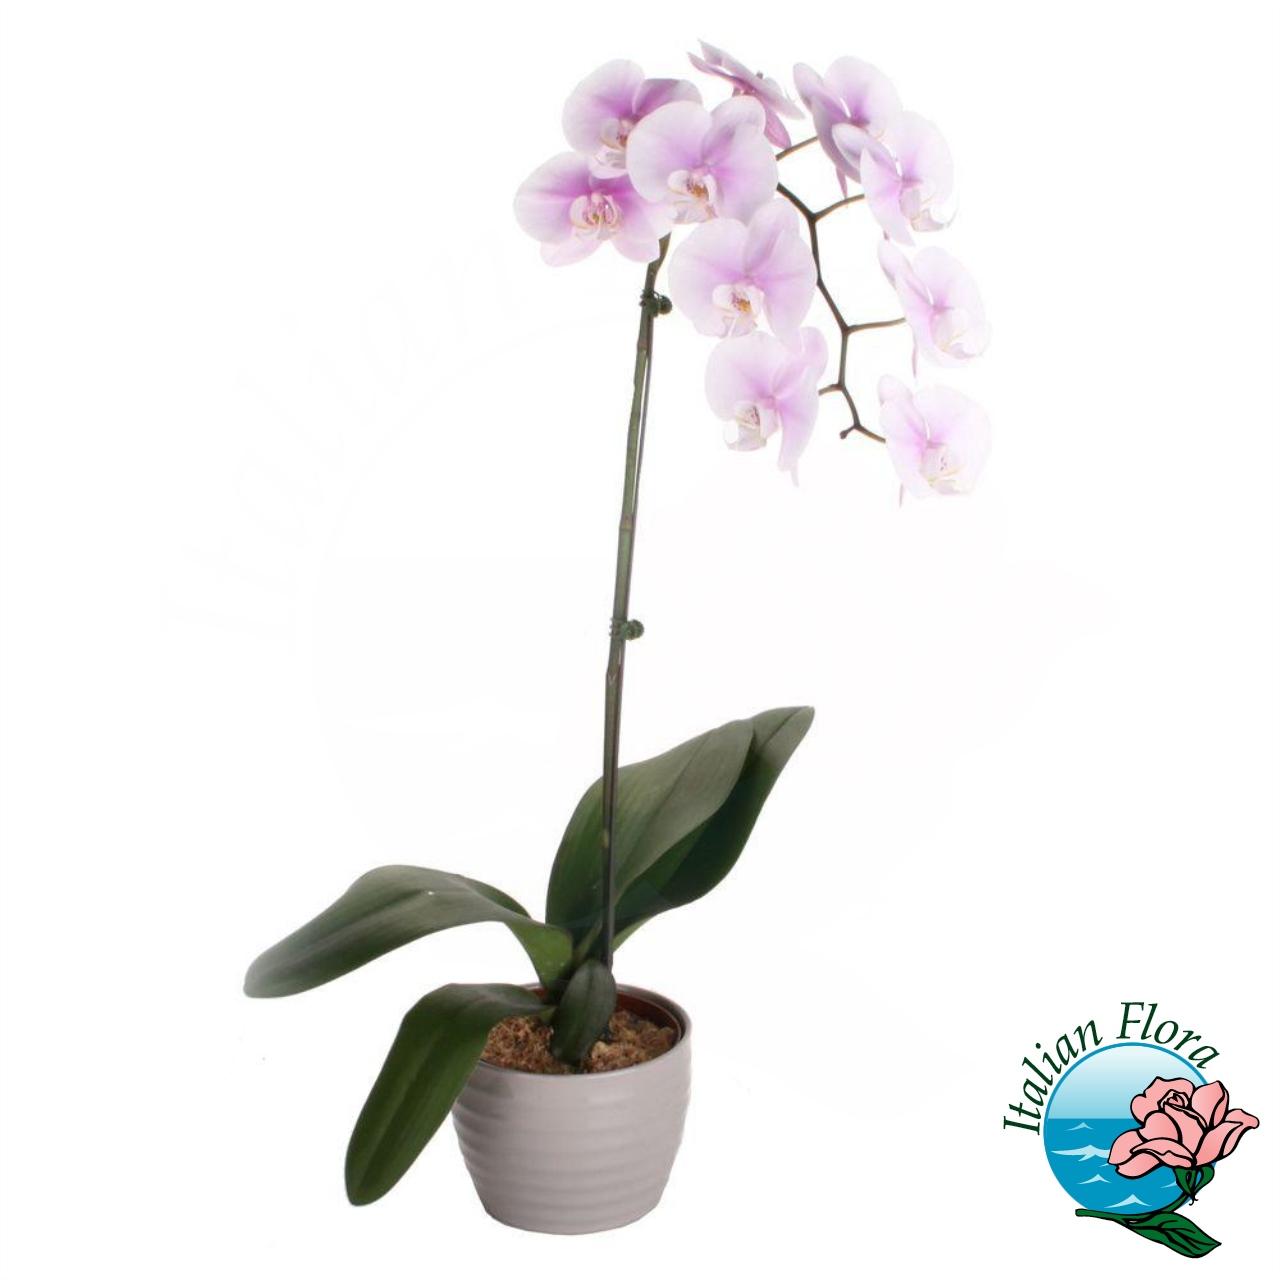 Piante Da Regalare A Pasqua pianta di orchidea bianca sfumata